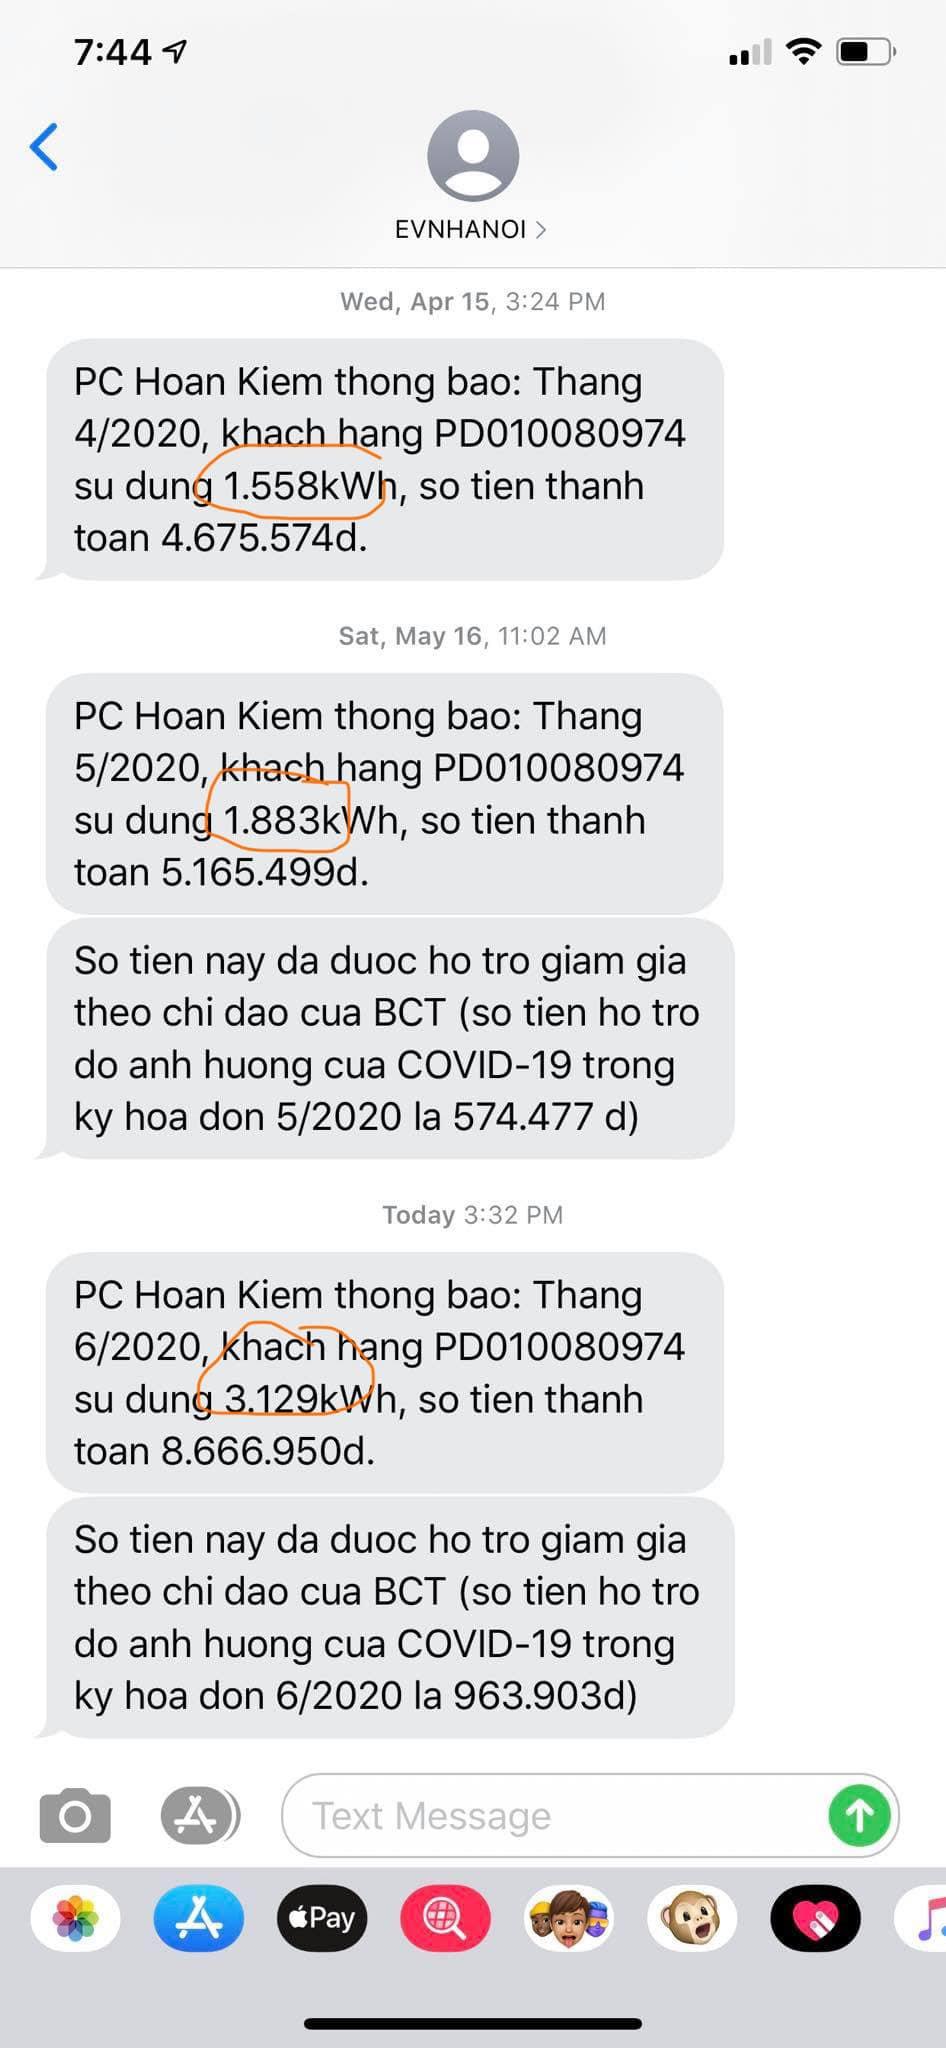 Vụ hóa đơn tiền điện tăng: Một người dân Hà Nội thuê luật sư tính kiện EVN